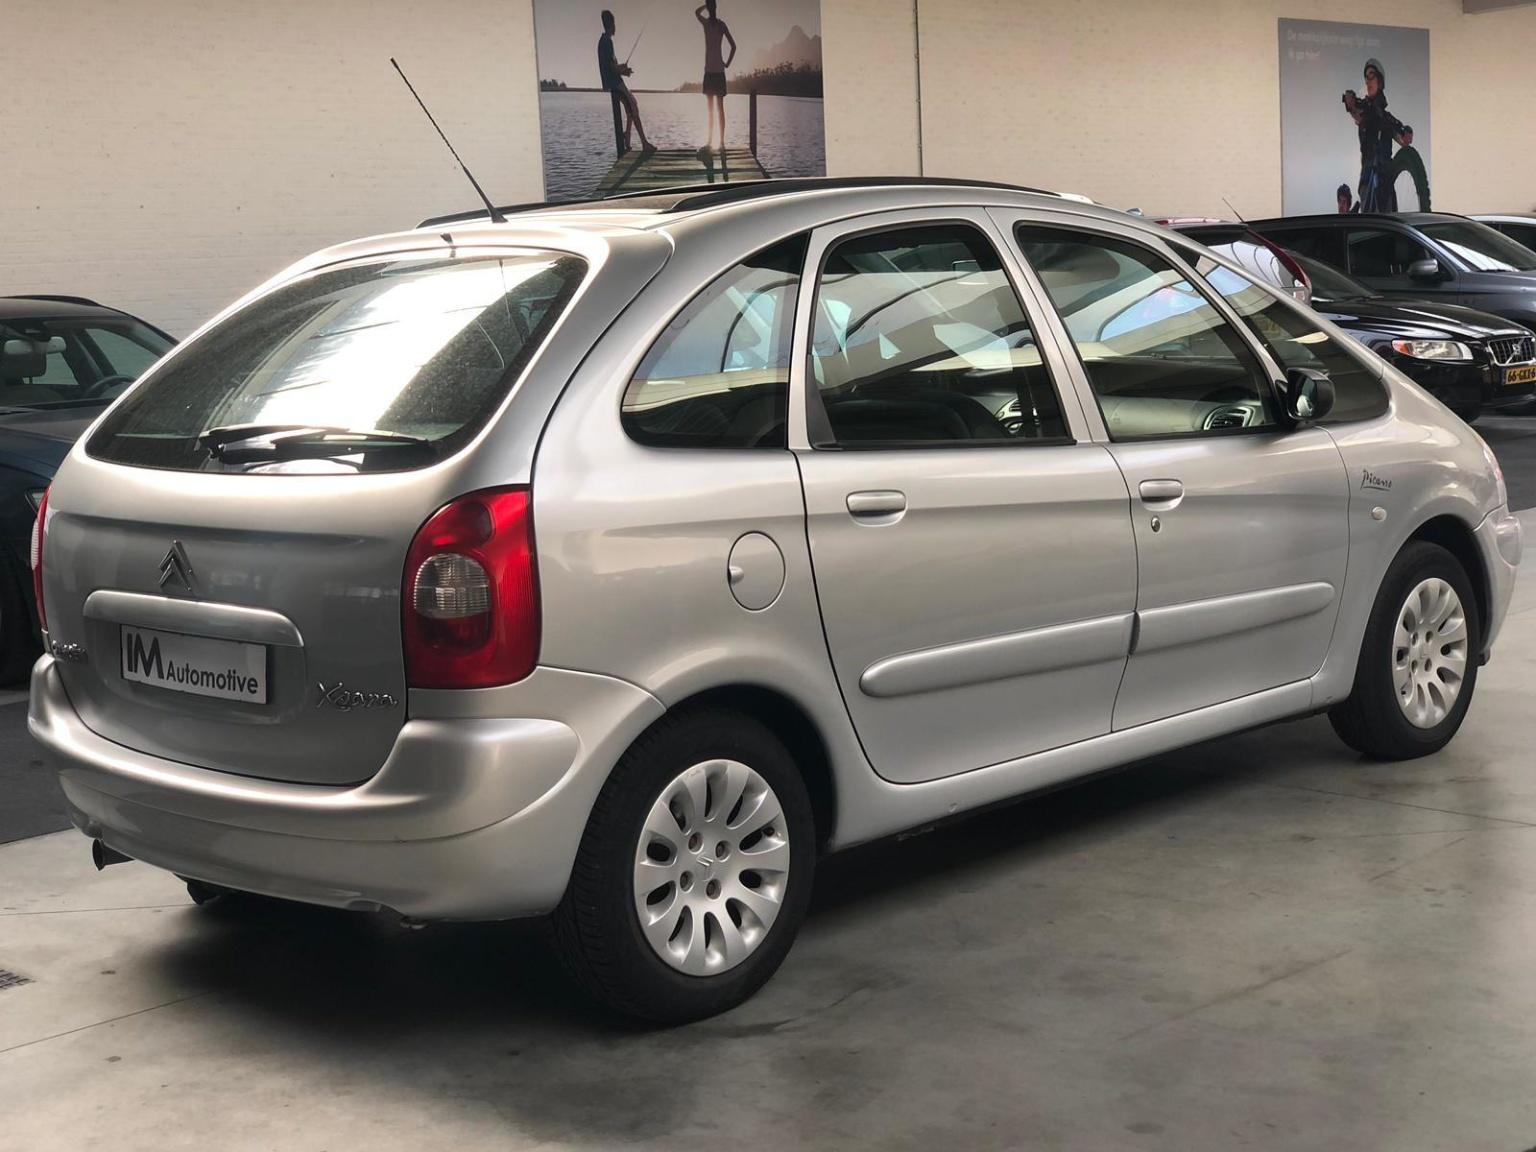 Citroën-Xsara Picasso-21